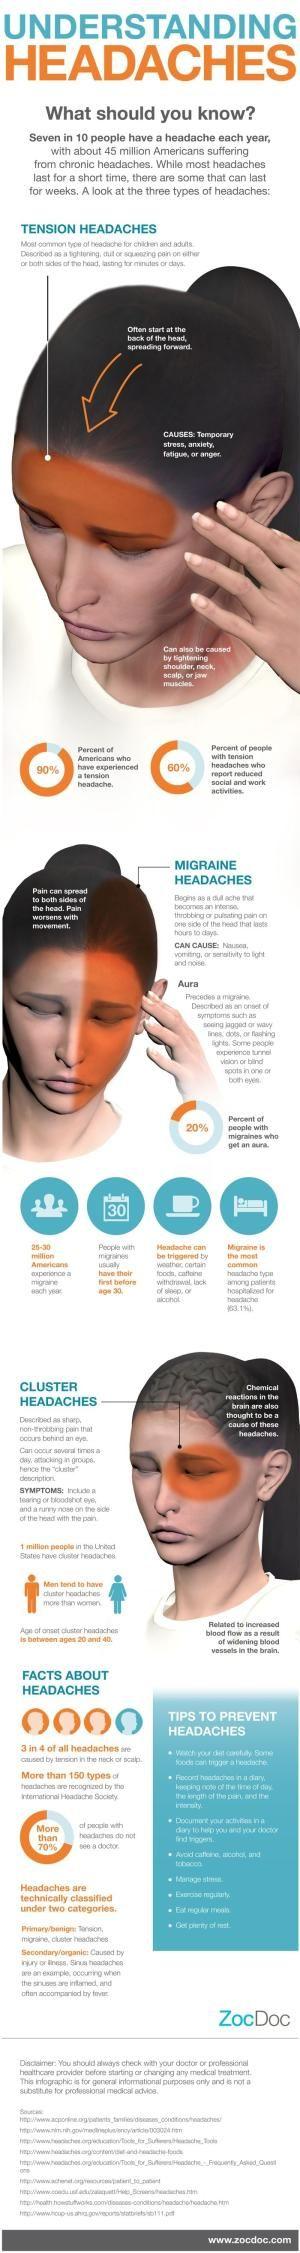 Understanding Headaches! by Mopar Mo